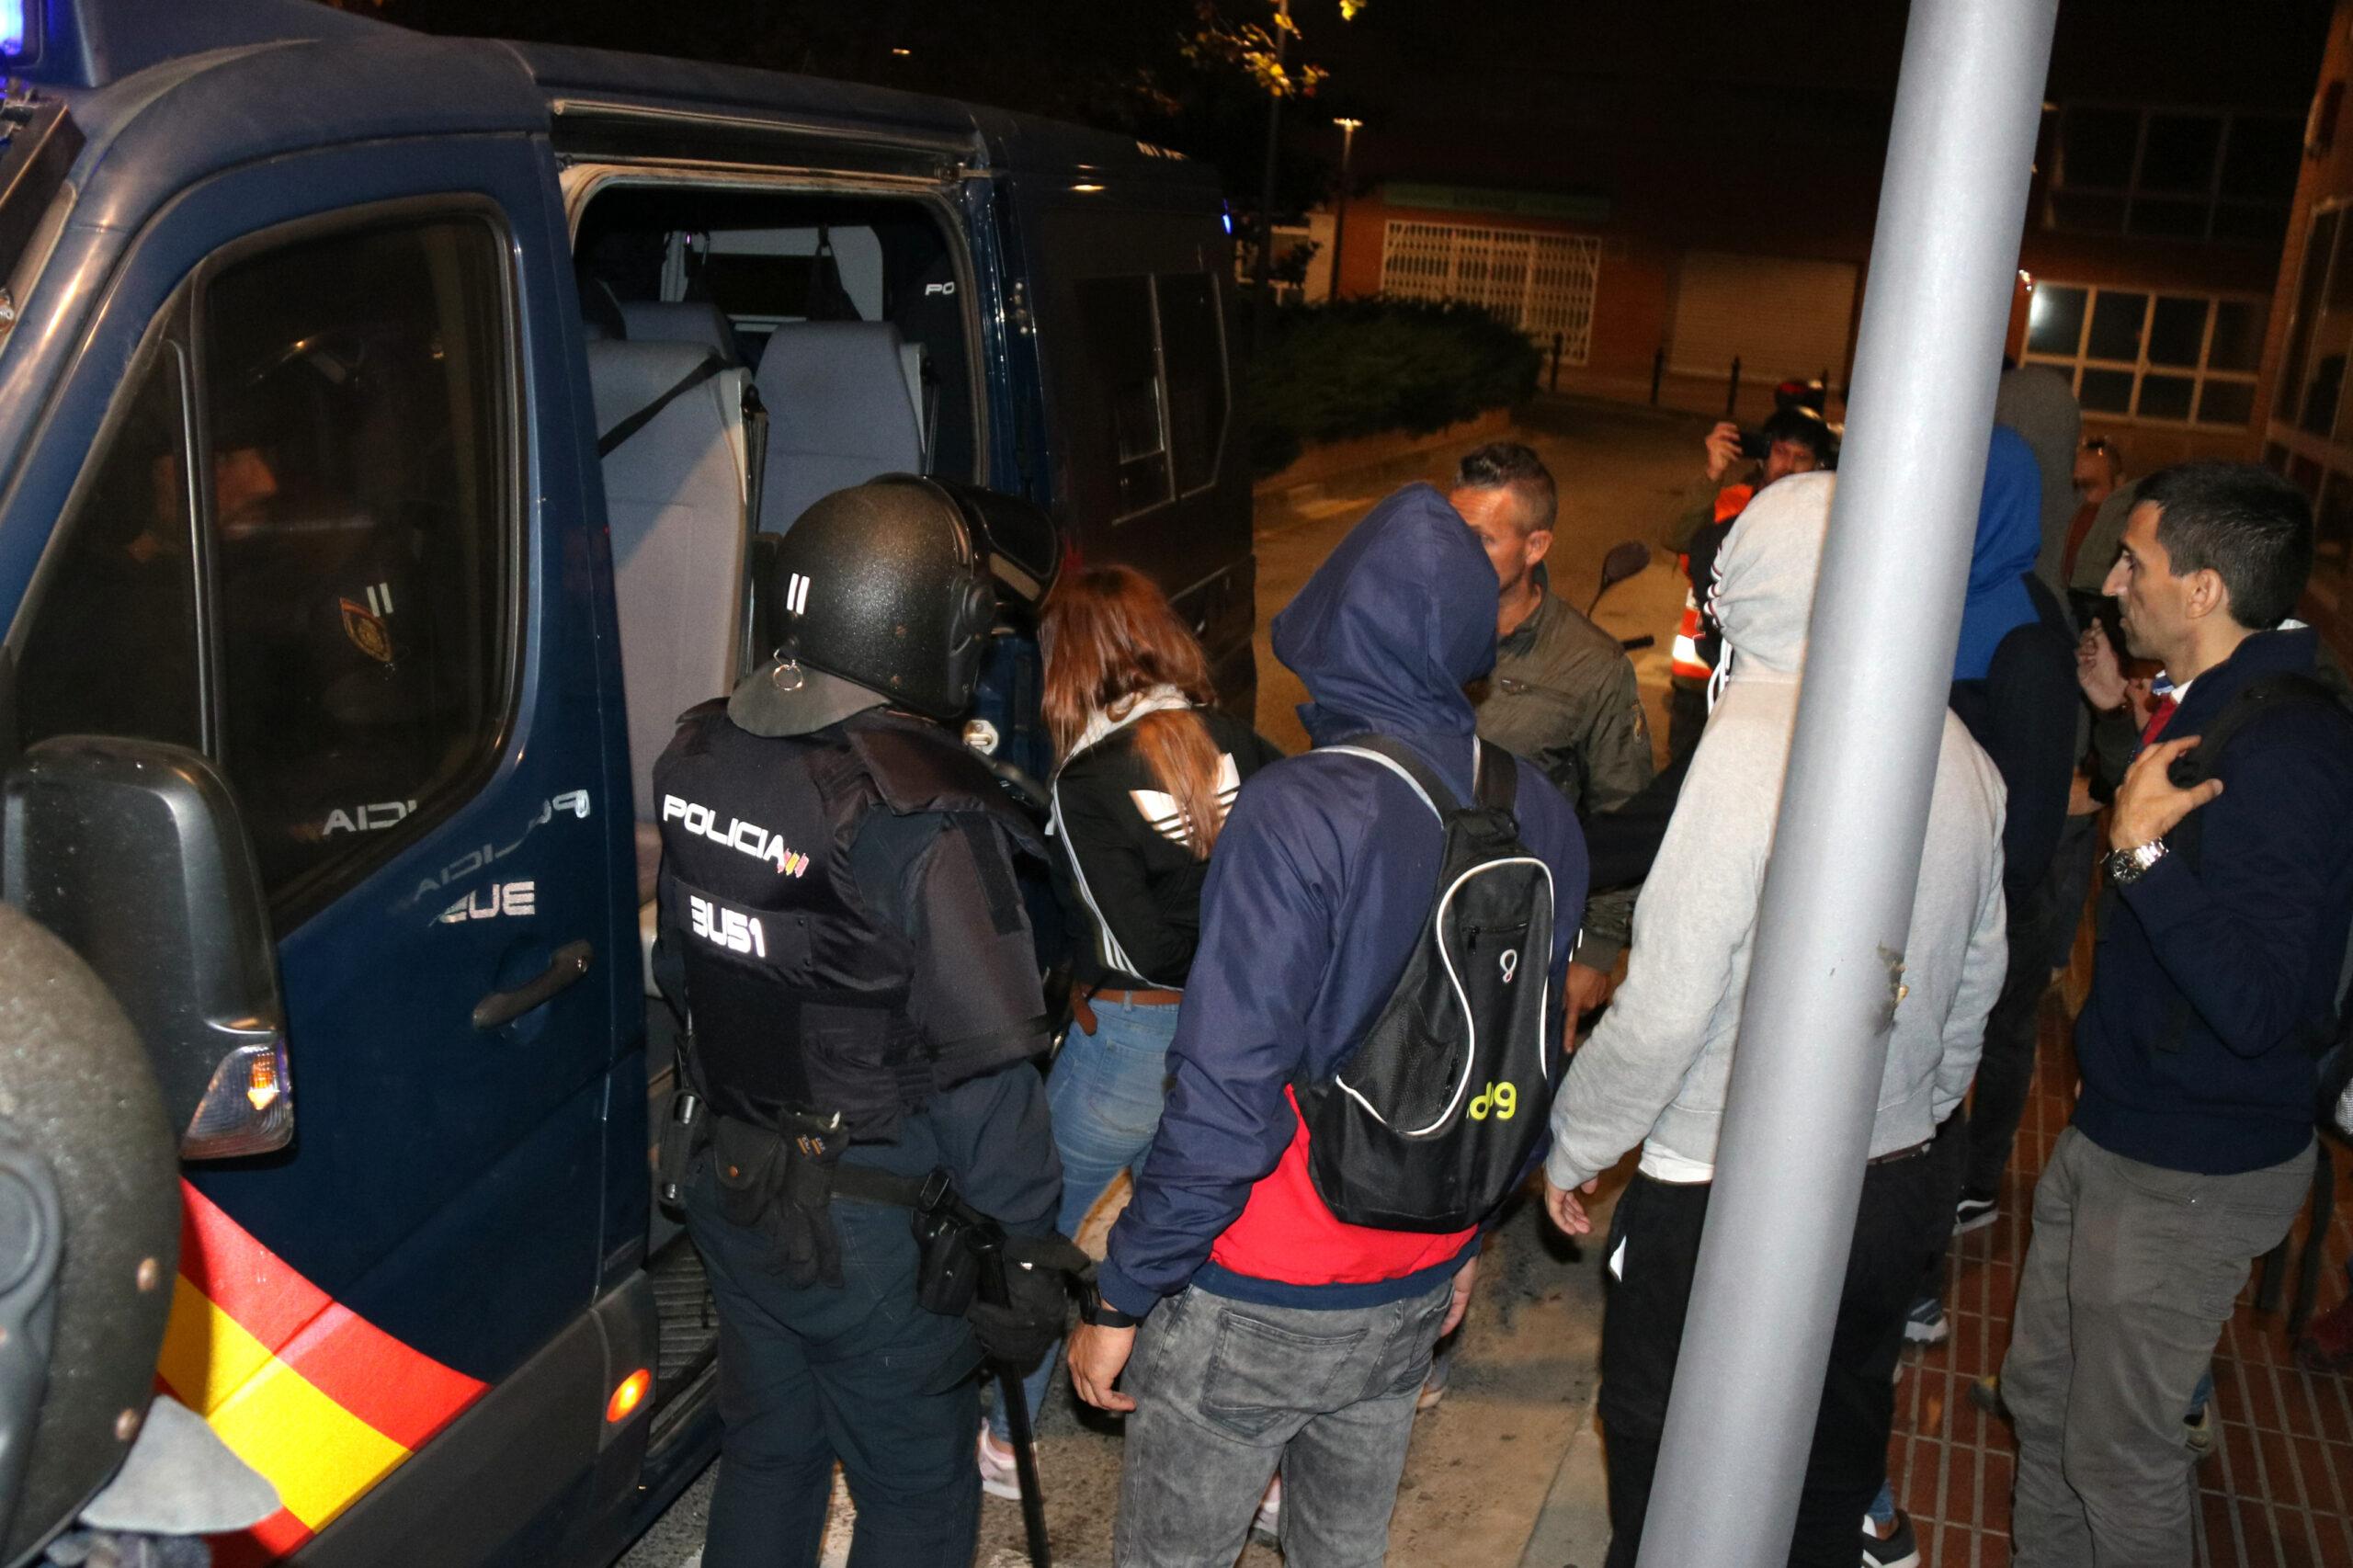 Una noia detinguda puja a la furgoneta de la Policia Nacional, envoltada d'agents, durant els aldarulls de l'octubre del 2019 | ACN